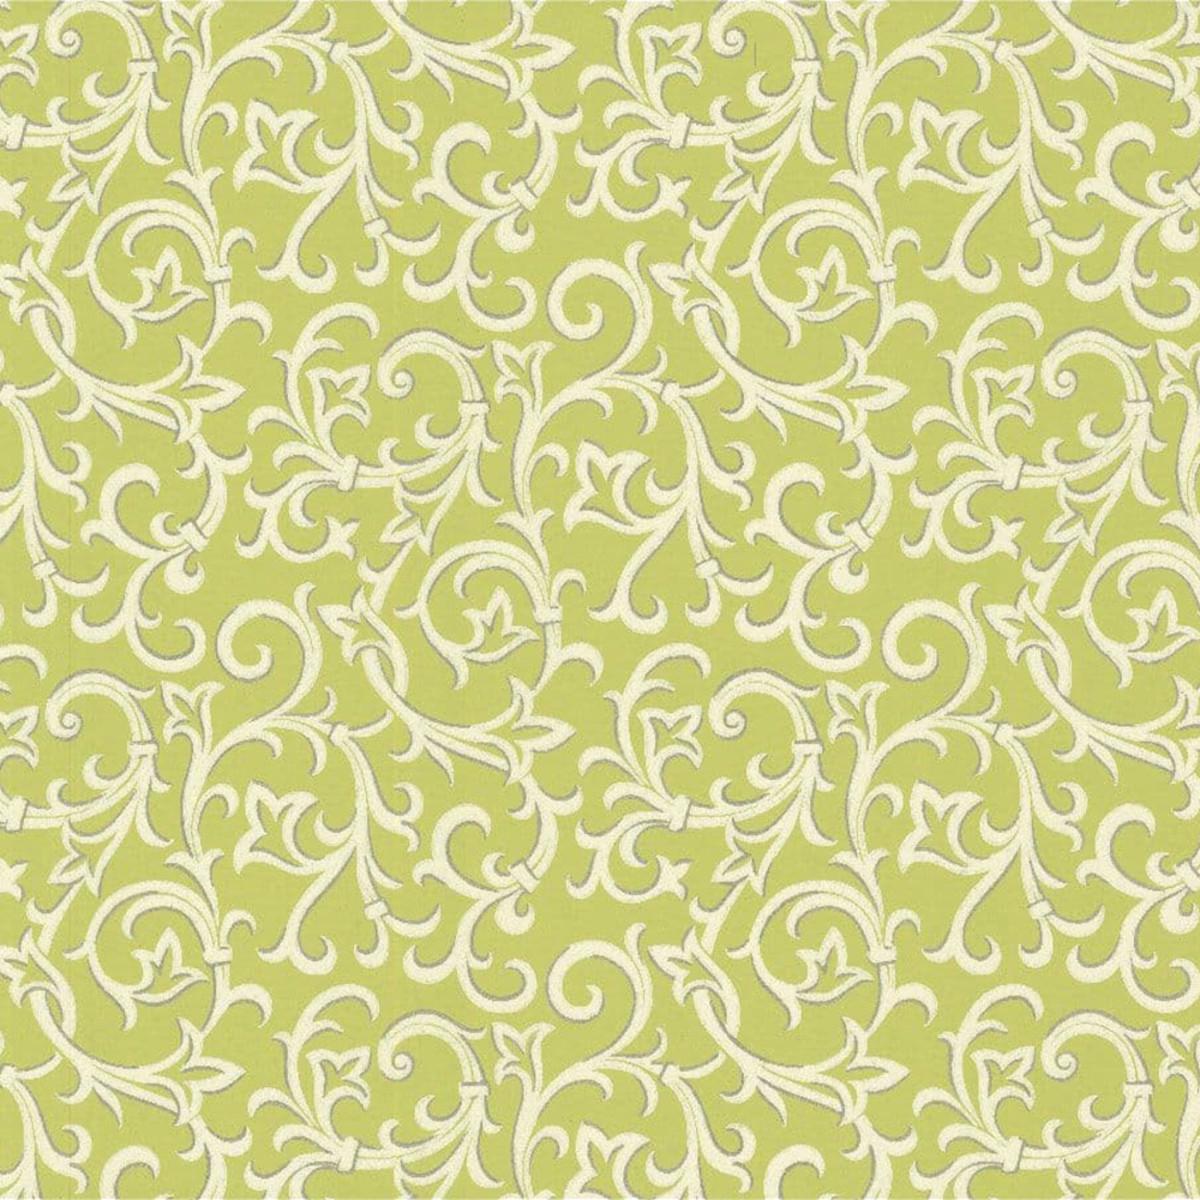 Обои флизелиновые 1838 Wallcoverings Avington зеленые 0.53 м 1602-103-05